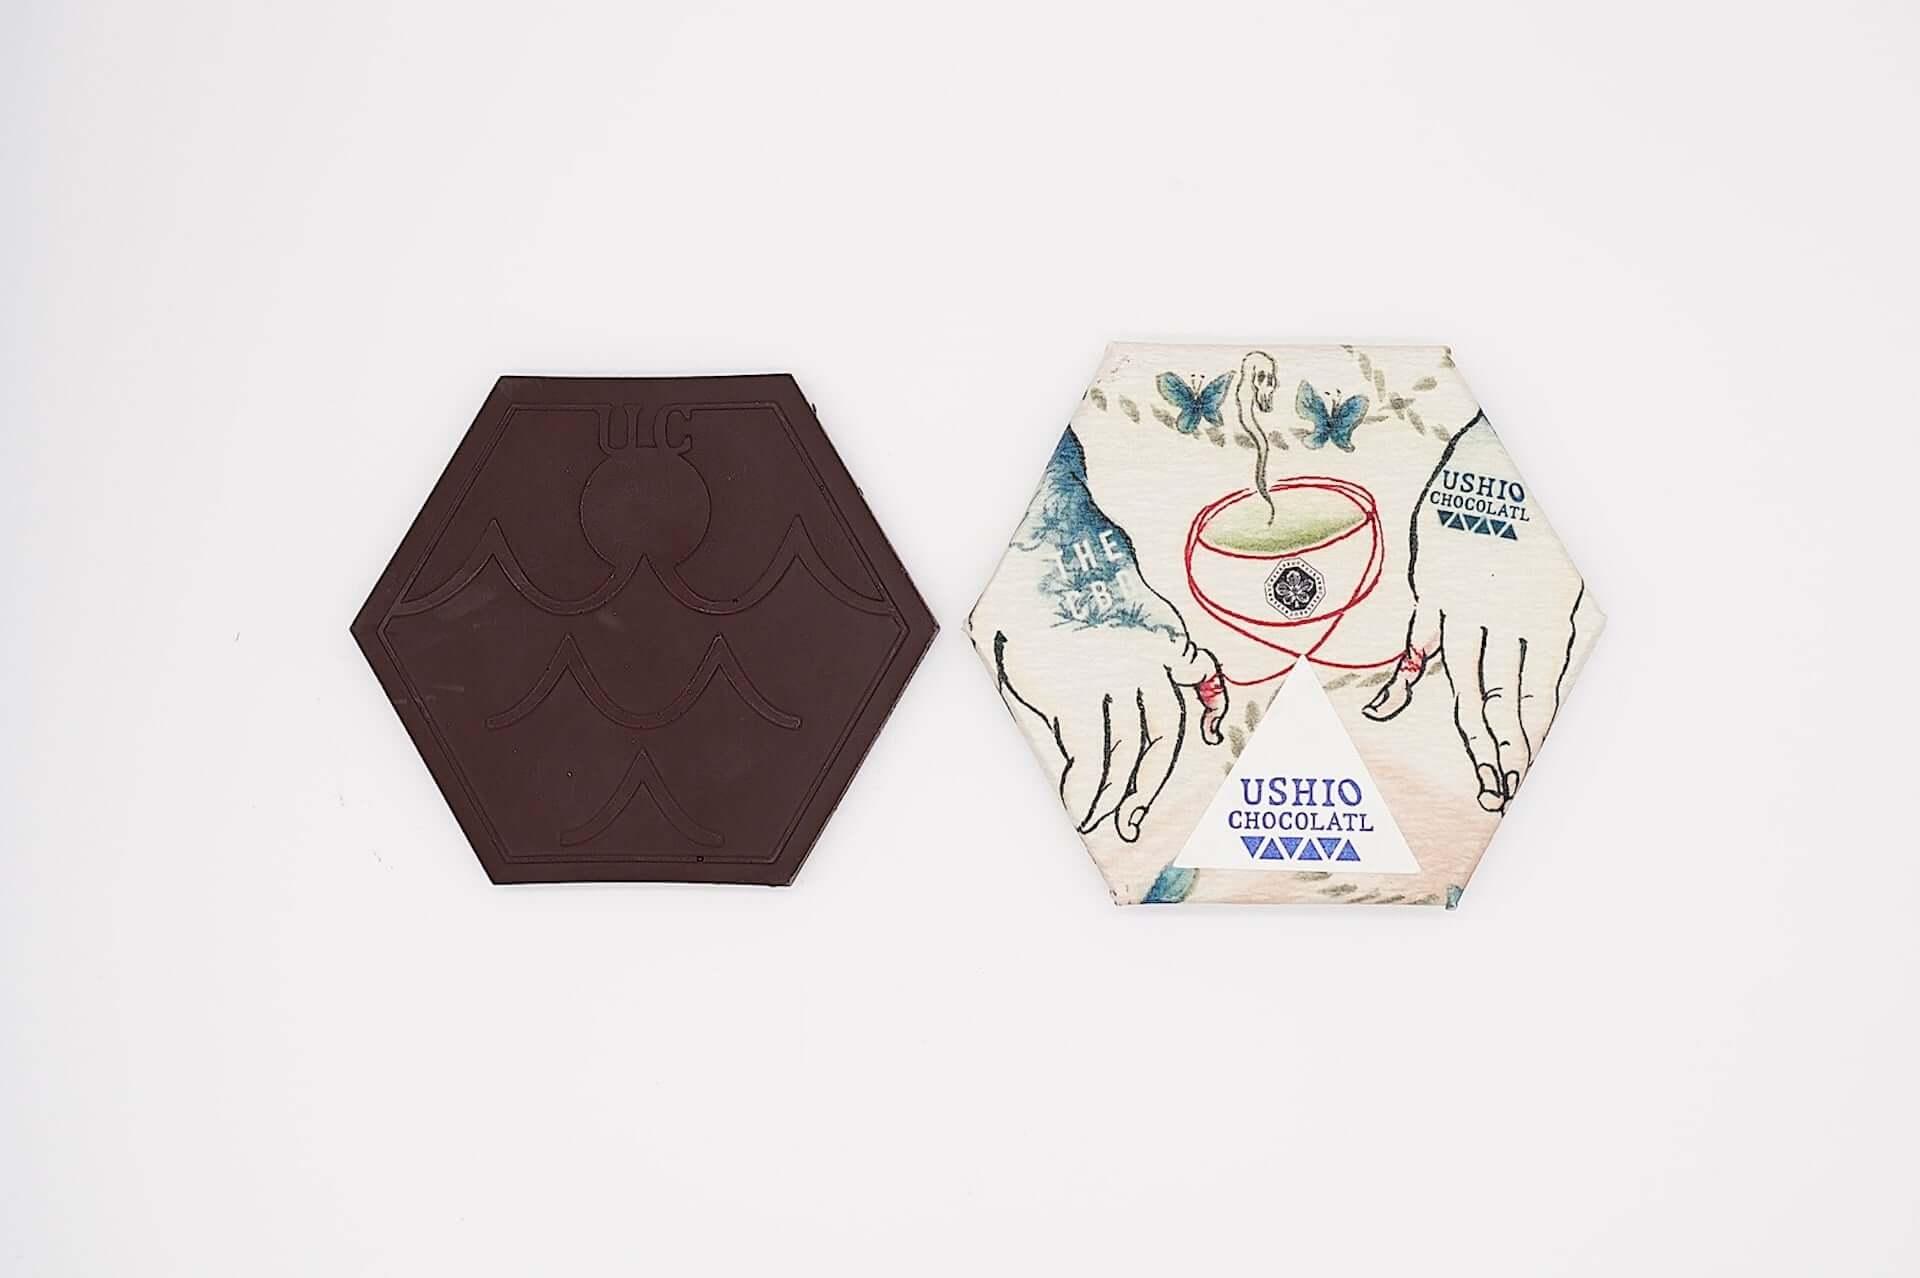 ほうじ茶とCBDを配合したUSHIO CHOCOLATLのバレンタイン限定チョコレートが新発売!THE CBD、Tea Bucksとコラボ gourmet210212_cbd-chocolate_2-1920x1278